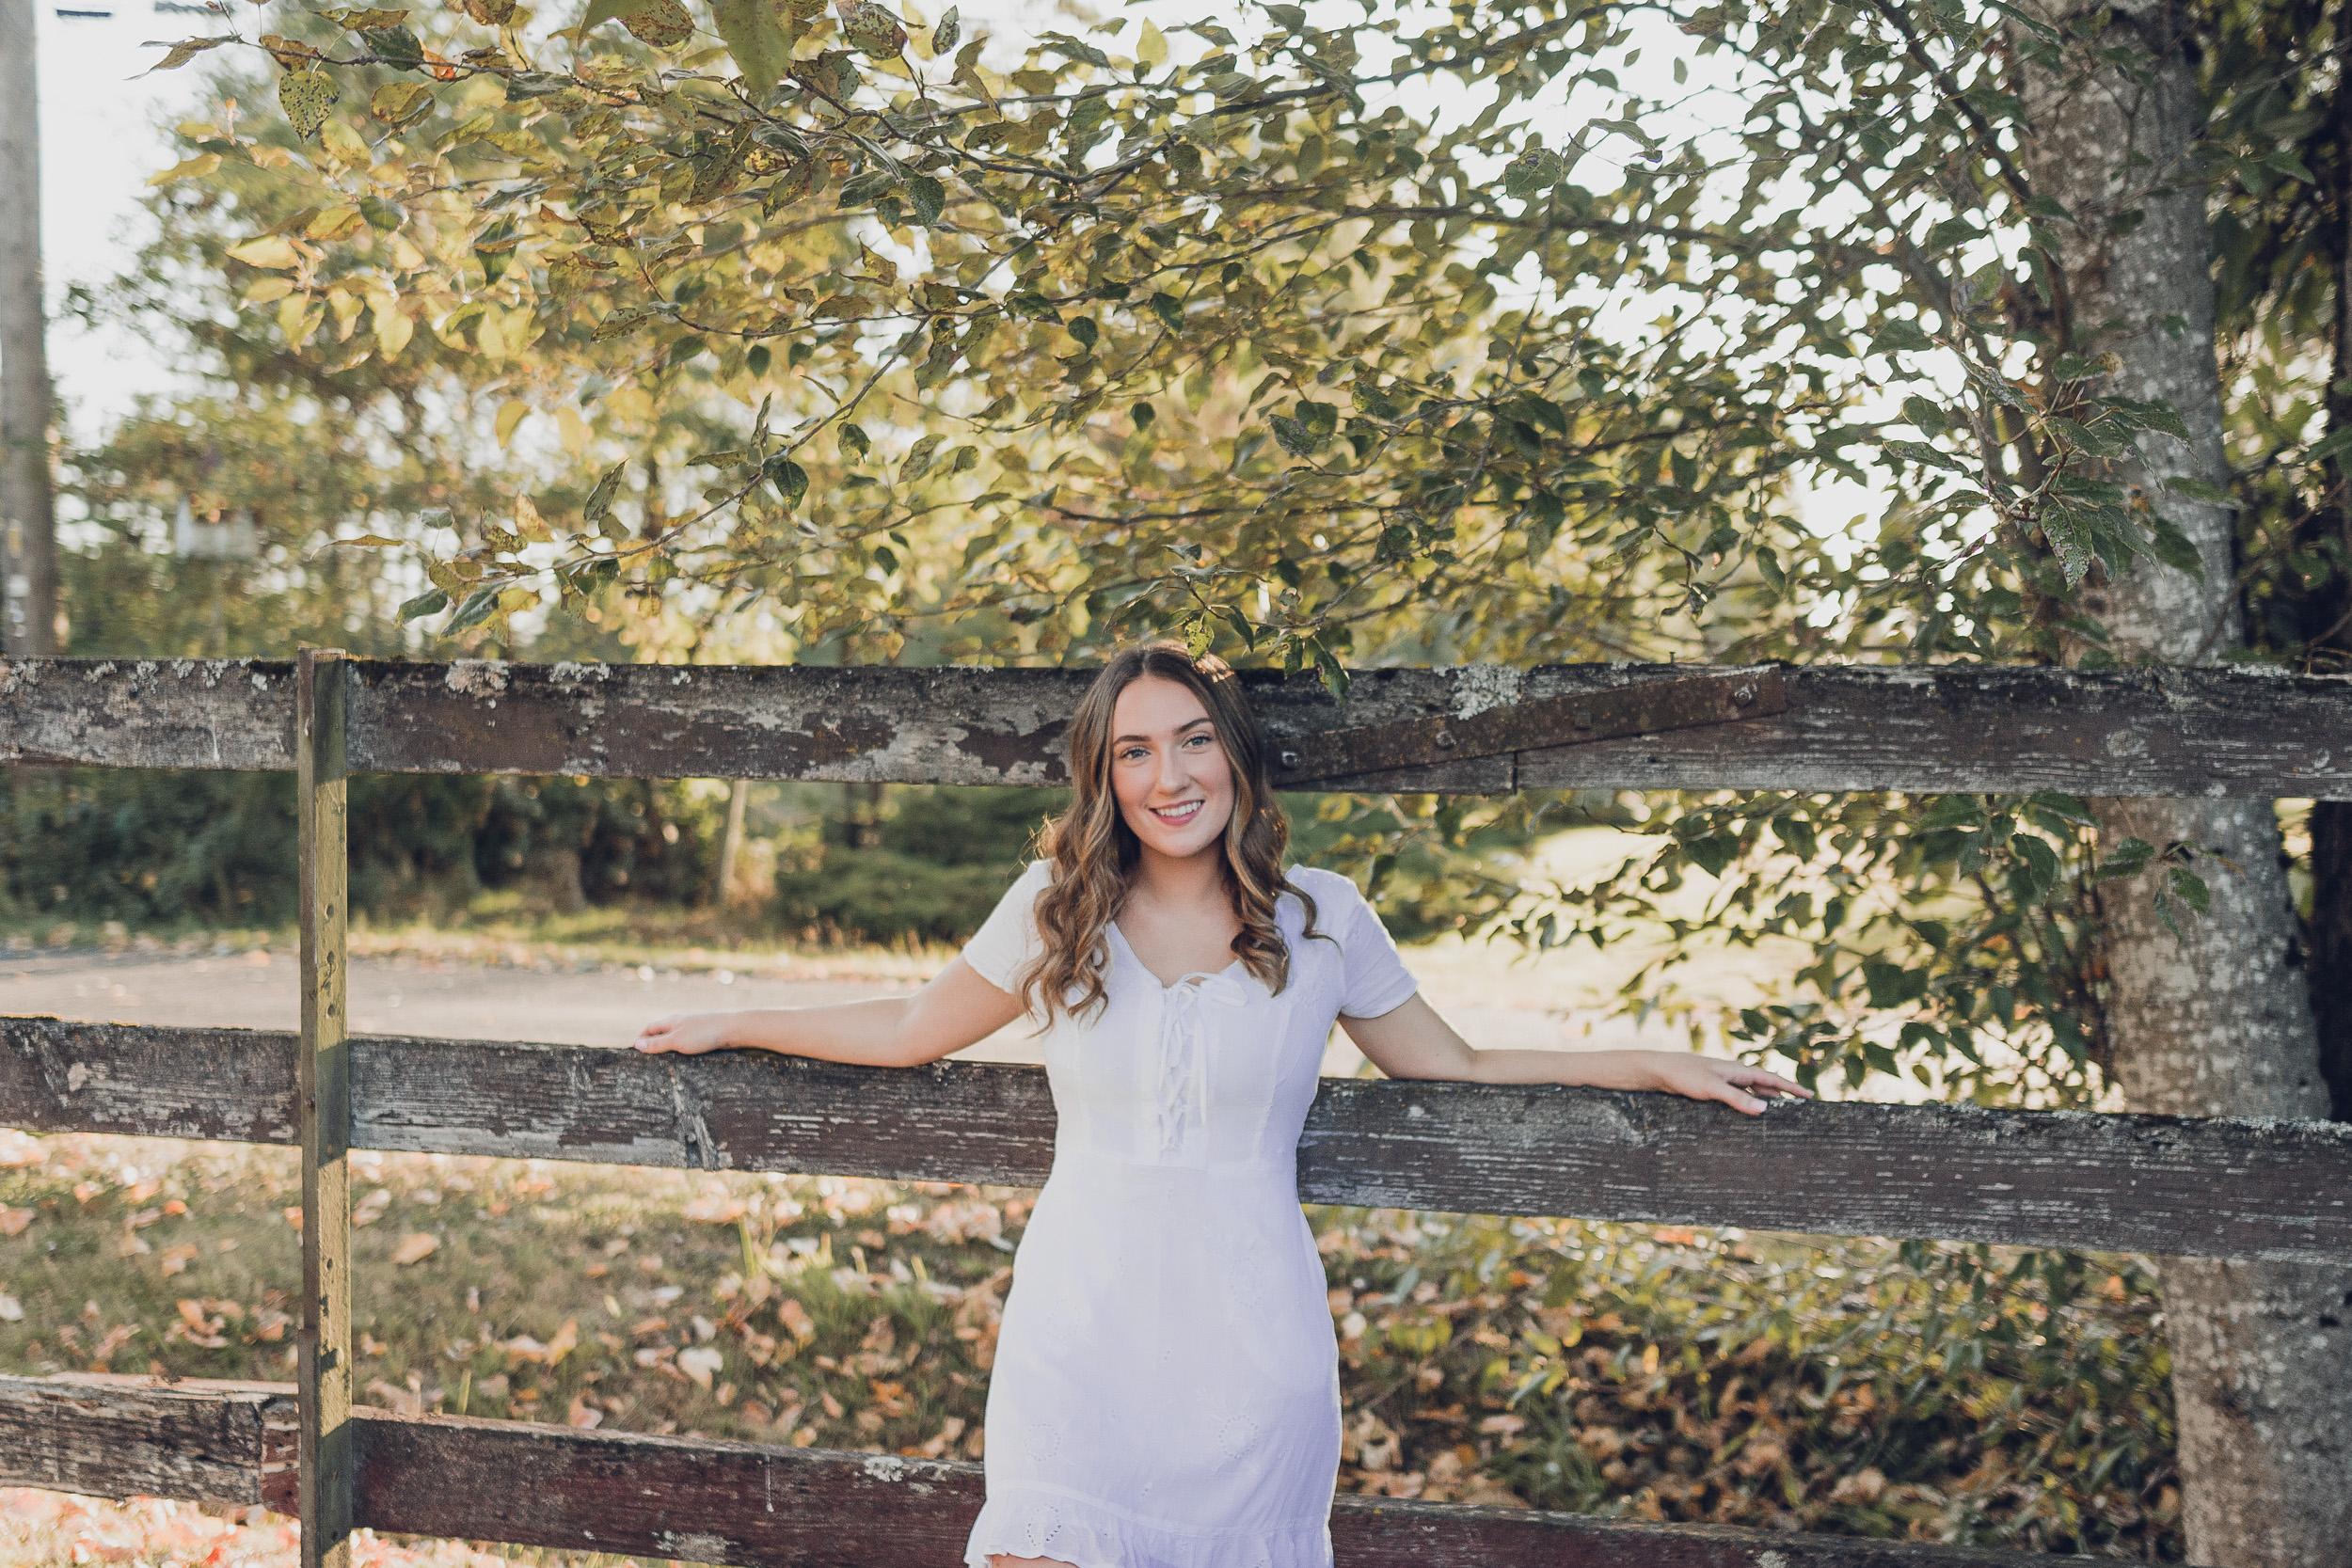 Seniorportraitsseattle-27.jpg